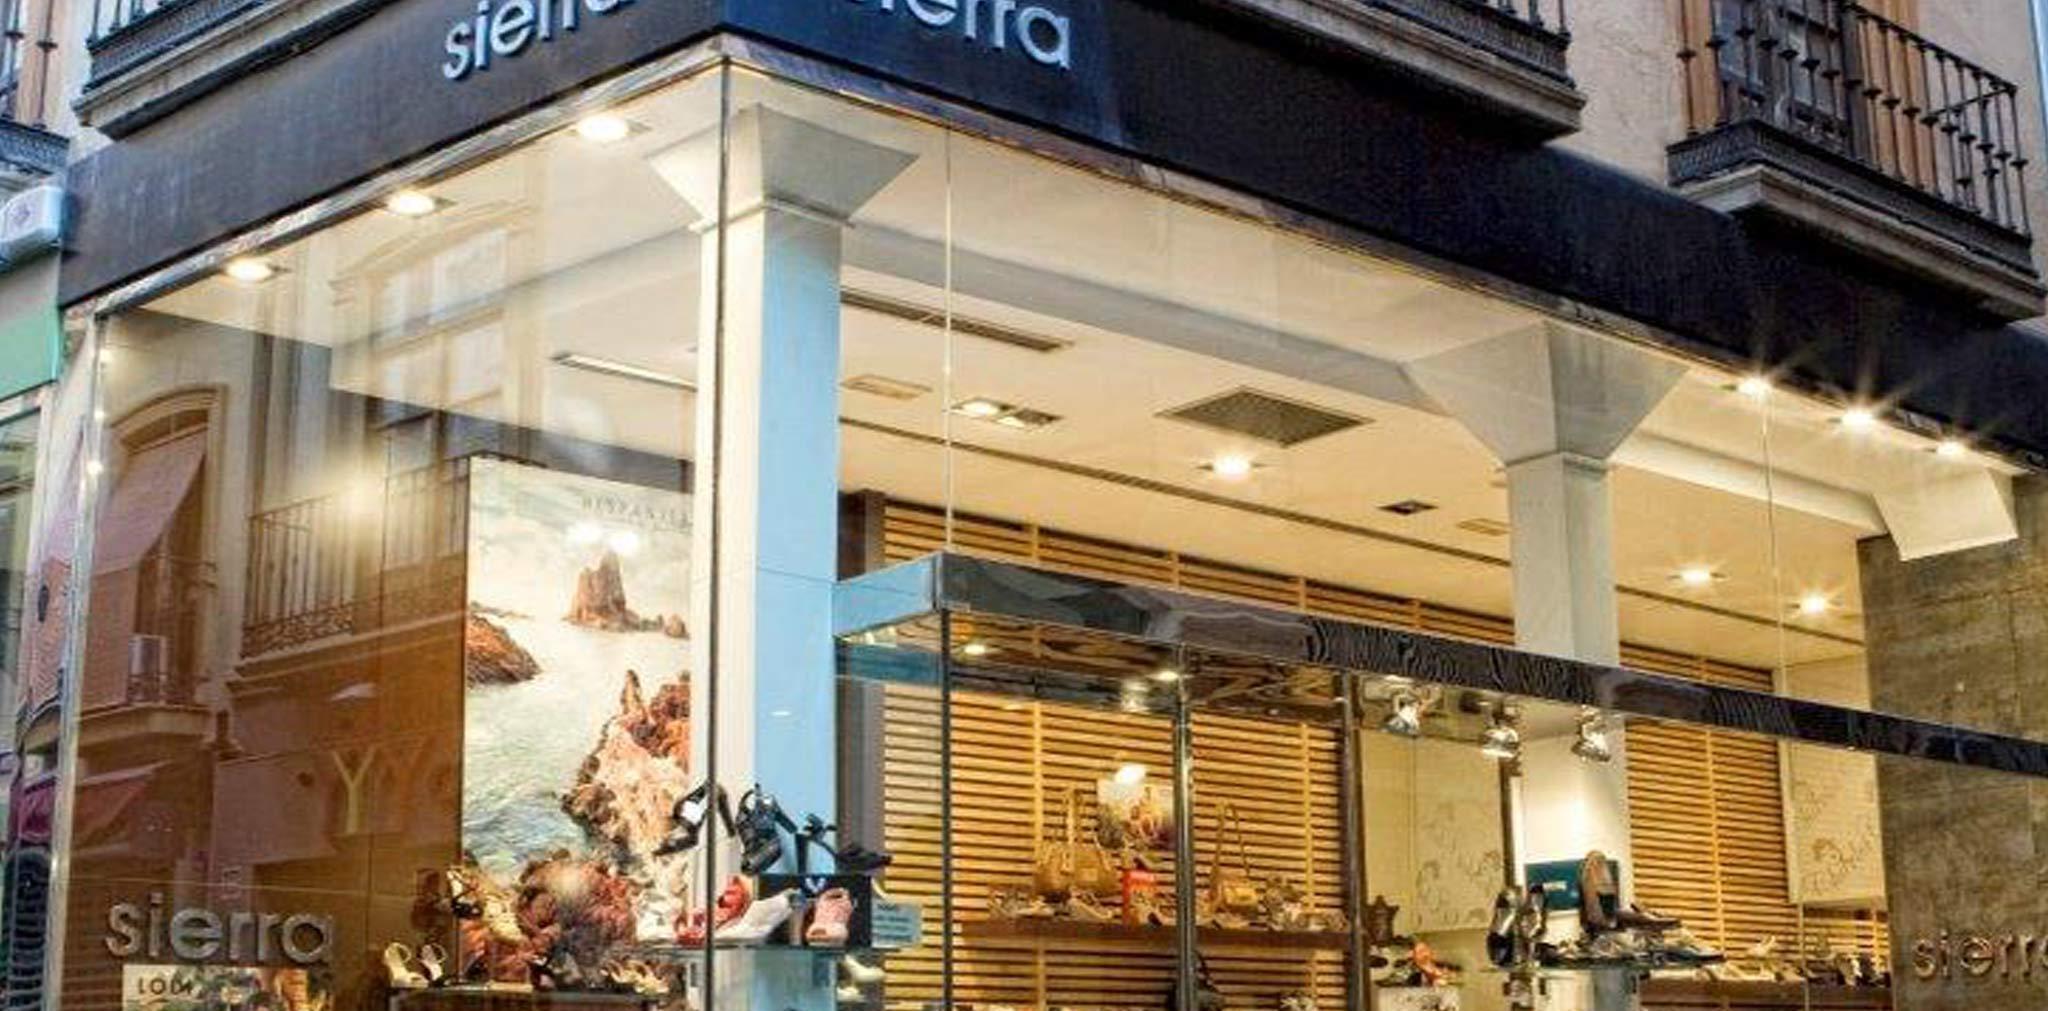 tienda-sierra-zacatin-6289 Nuestras Tiendas